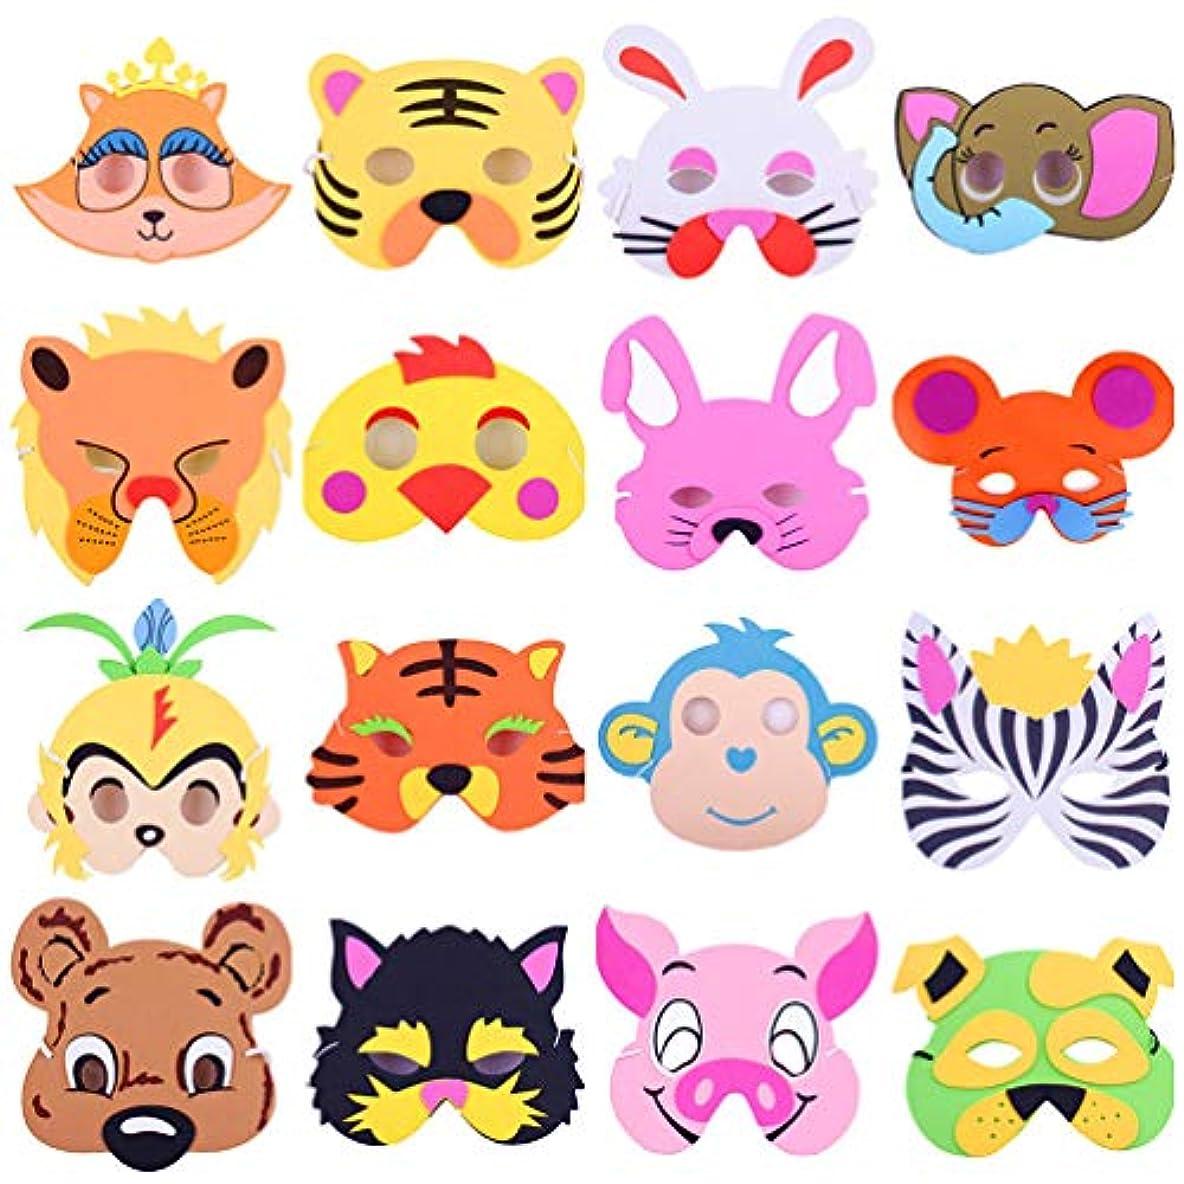 手当見積り検索エンジン最適化NUOBESTY フェイスマスクかわいい装飾evaクリエイティブ漫画面白いマスク動物マスクセットプロップマスク用キッズ大人16ピース